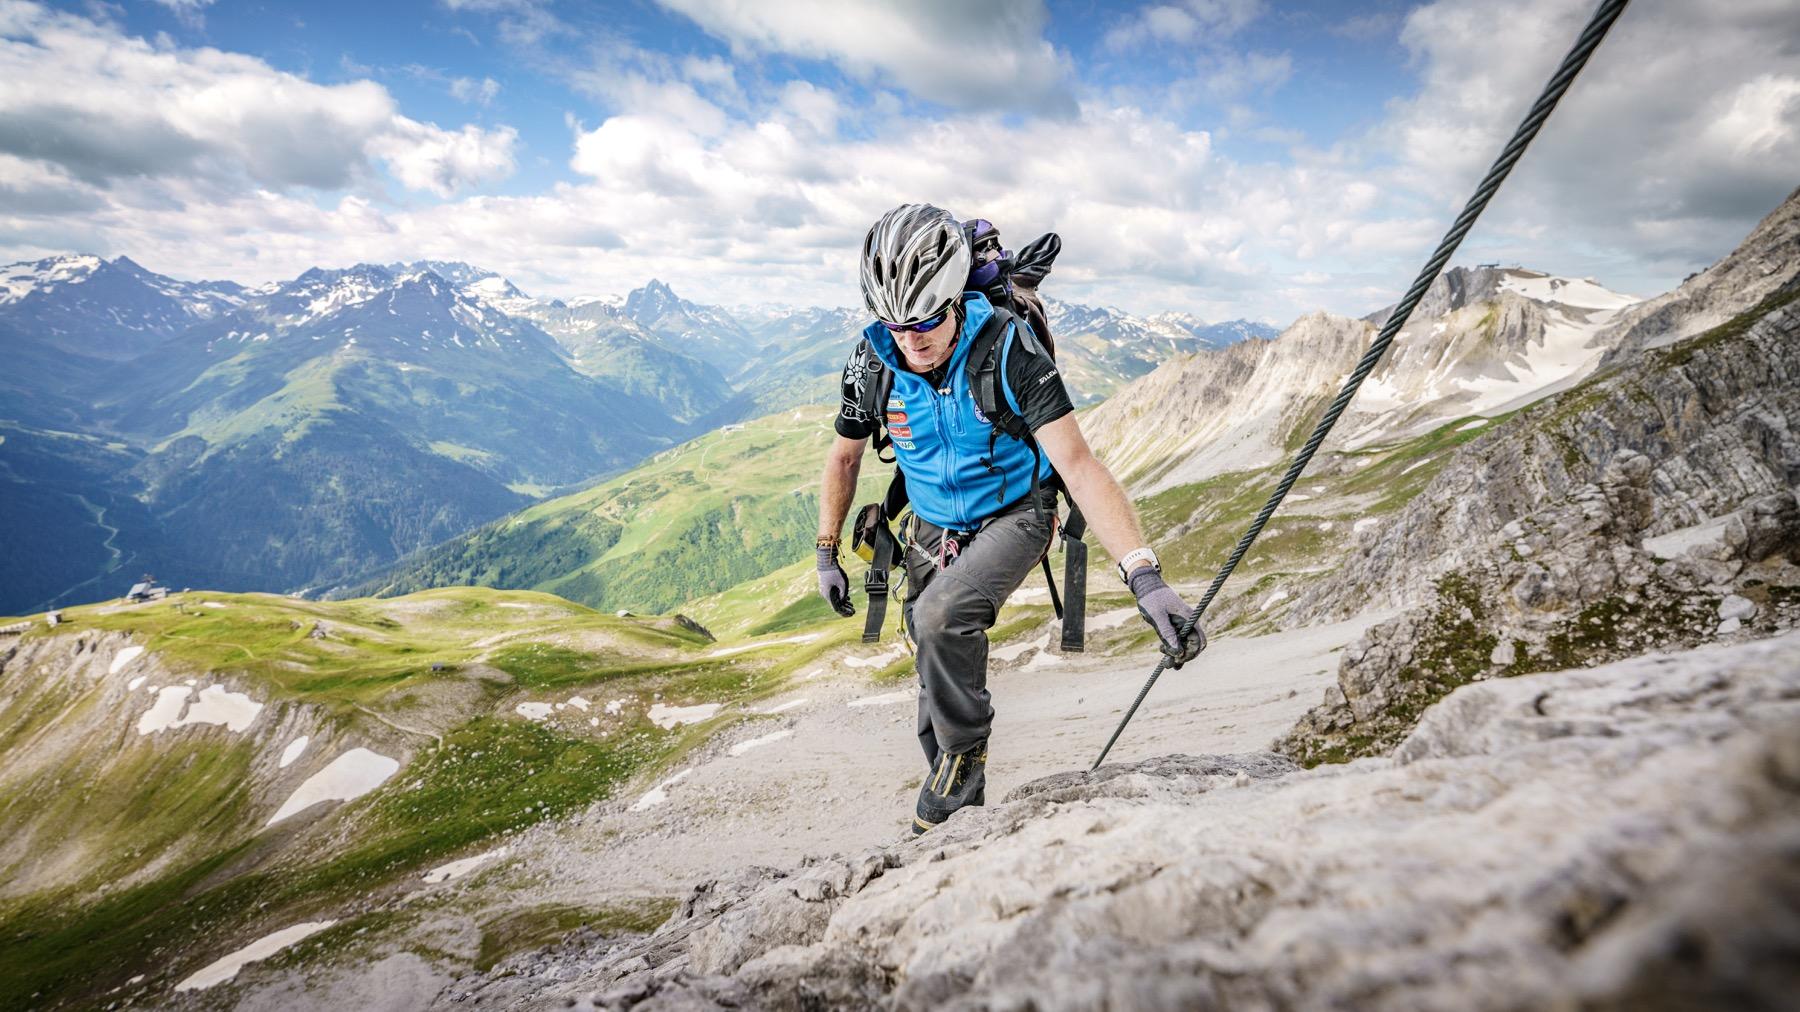 Erisch-Schweiger-Kletterseig - St. Anton am Arlberg, Foto: TVB St. Anton, Patrick Bätz I Climbers Paradise